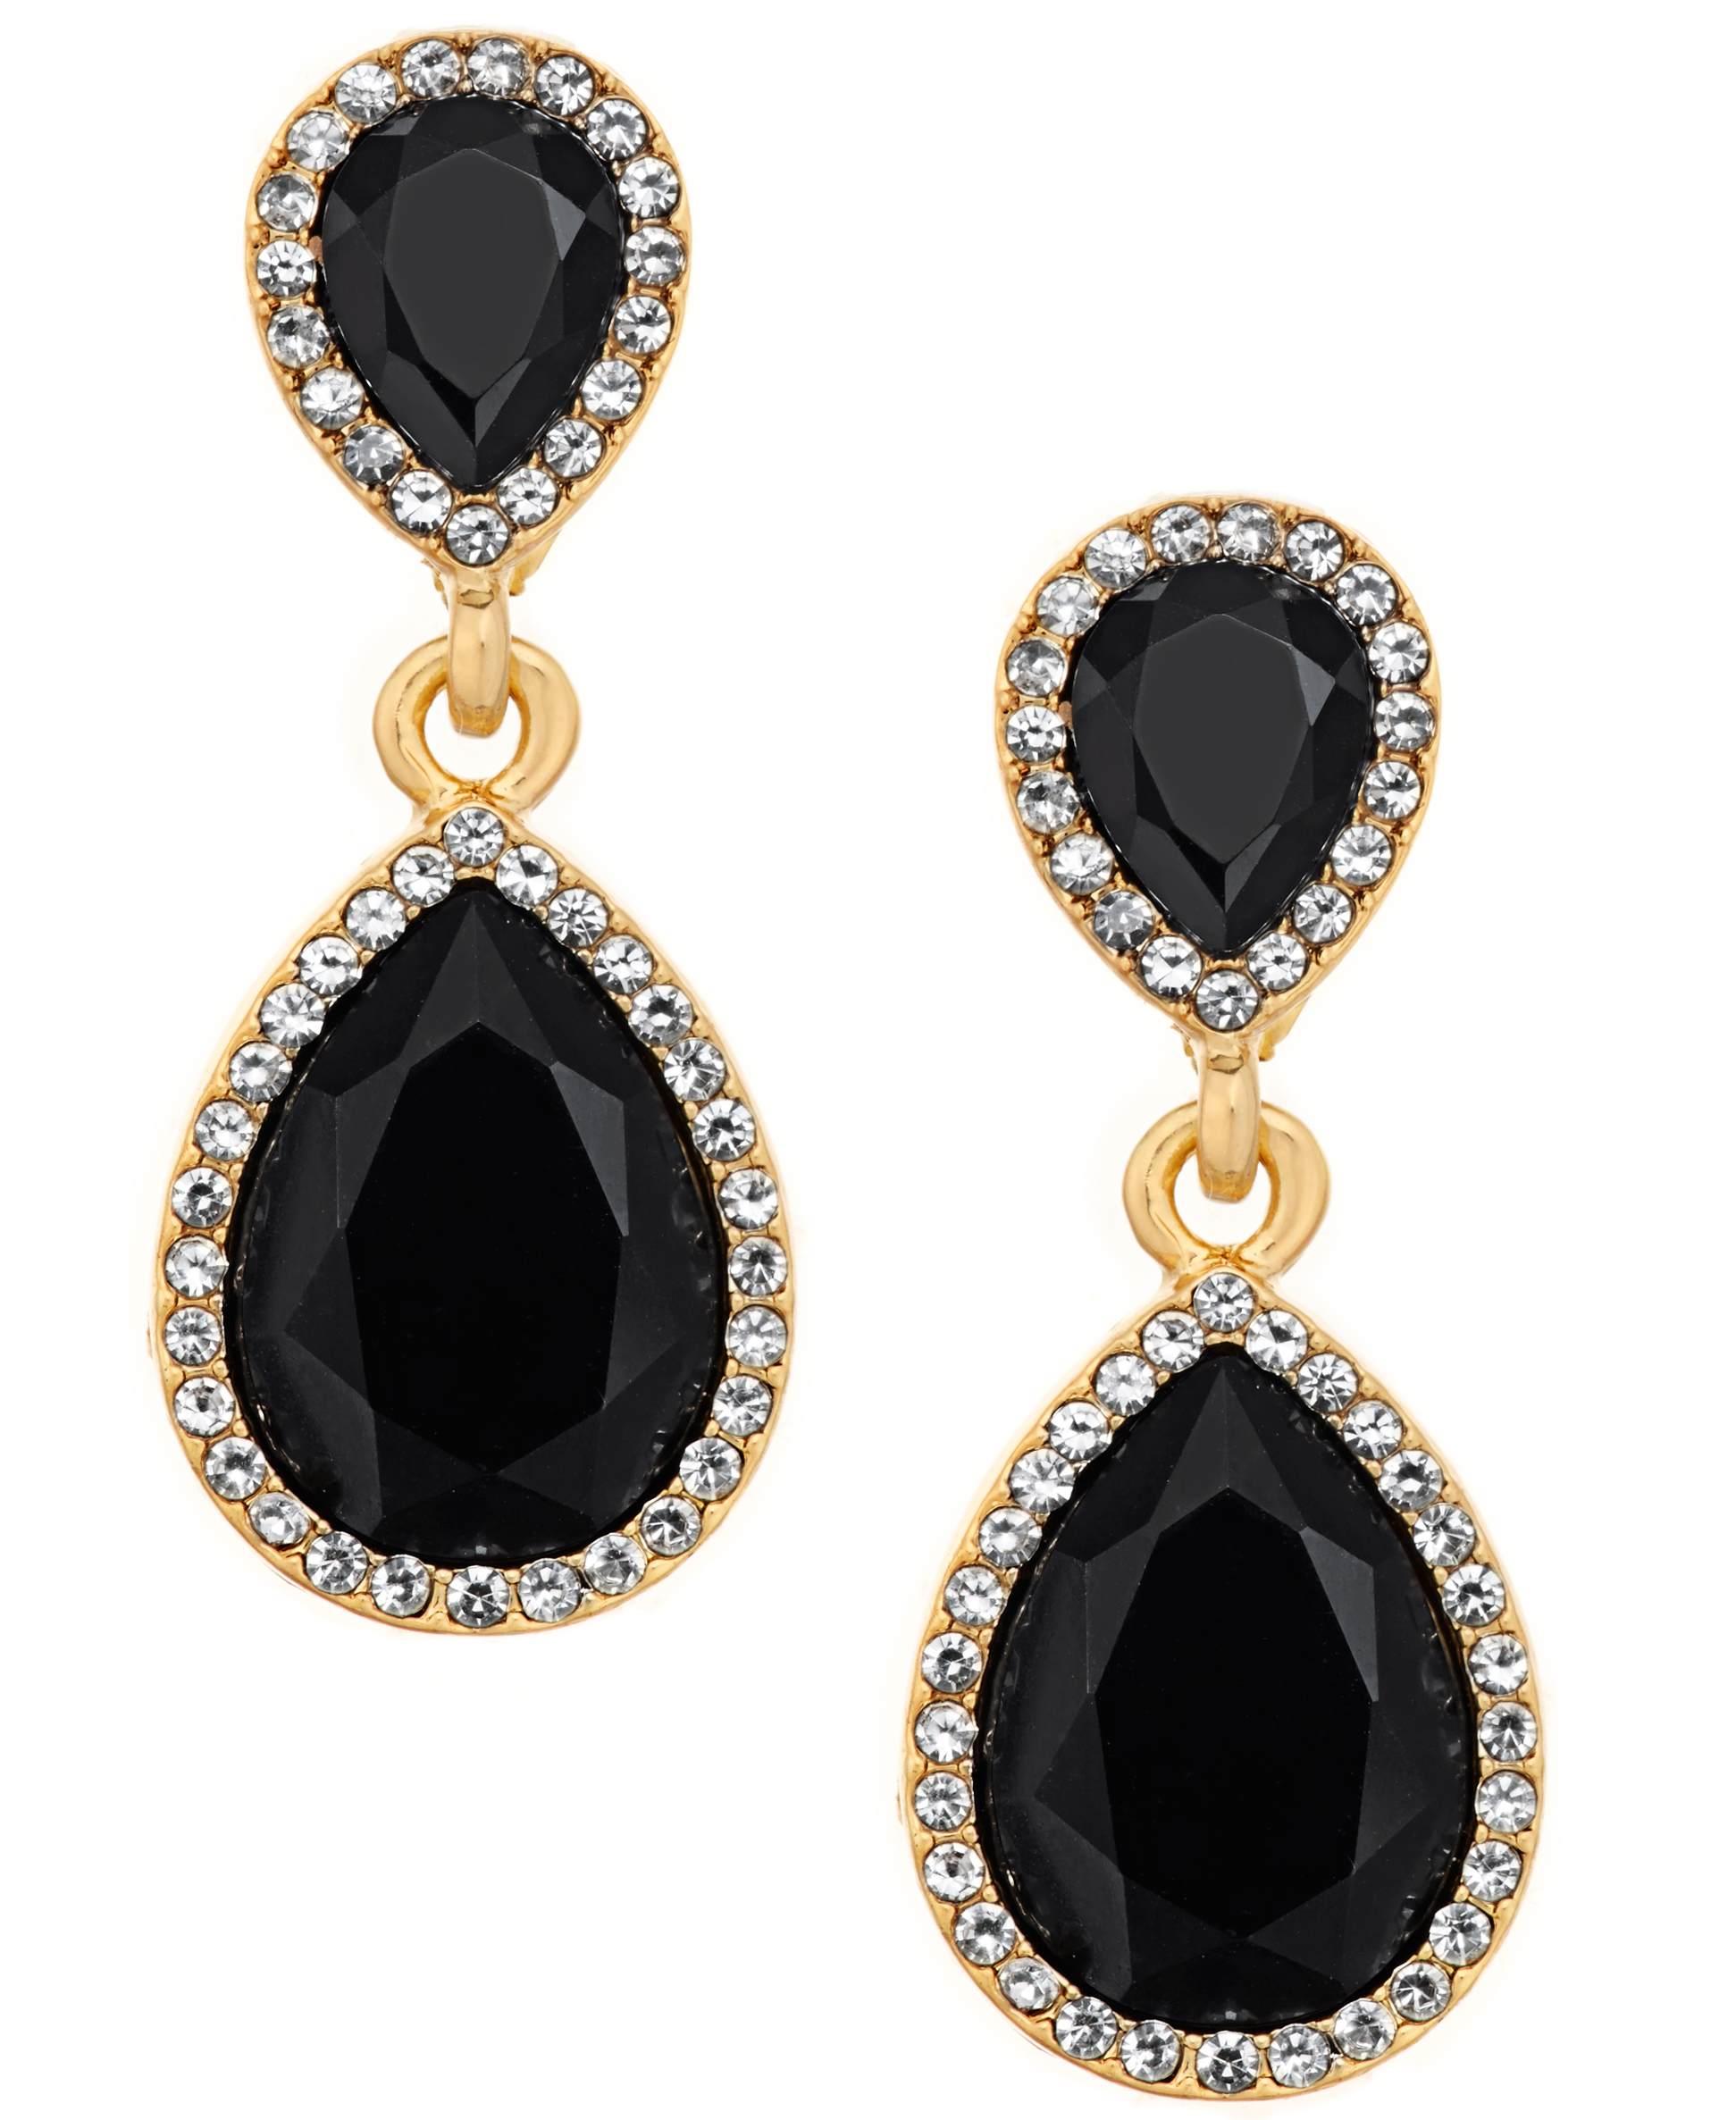 earrings_images_macys.jpg